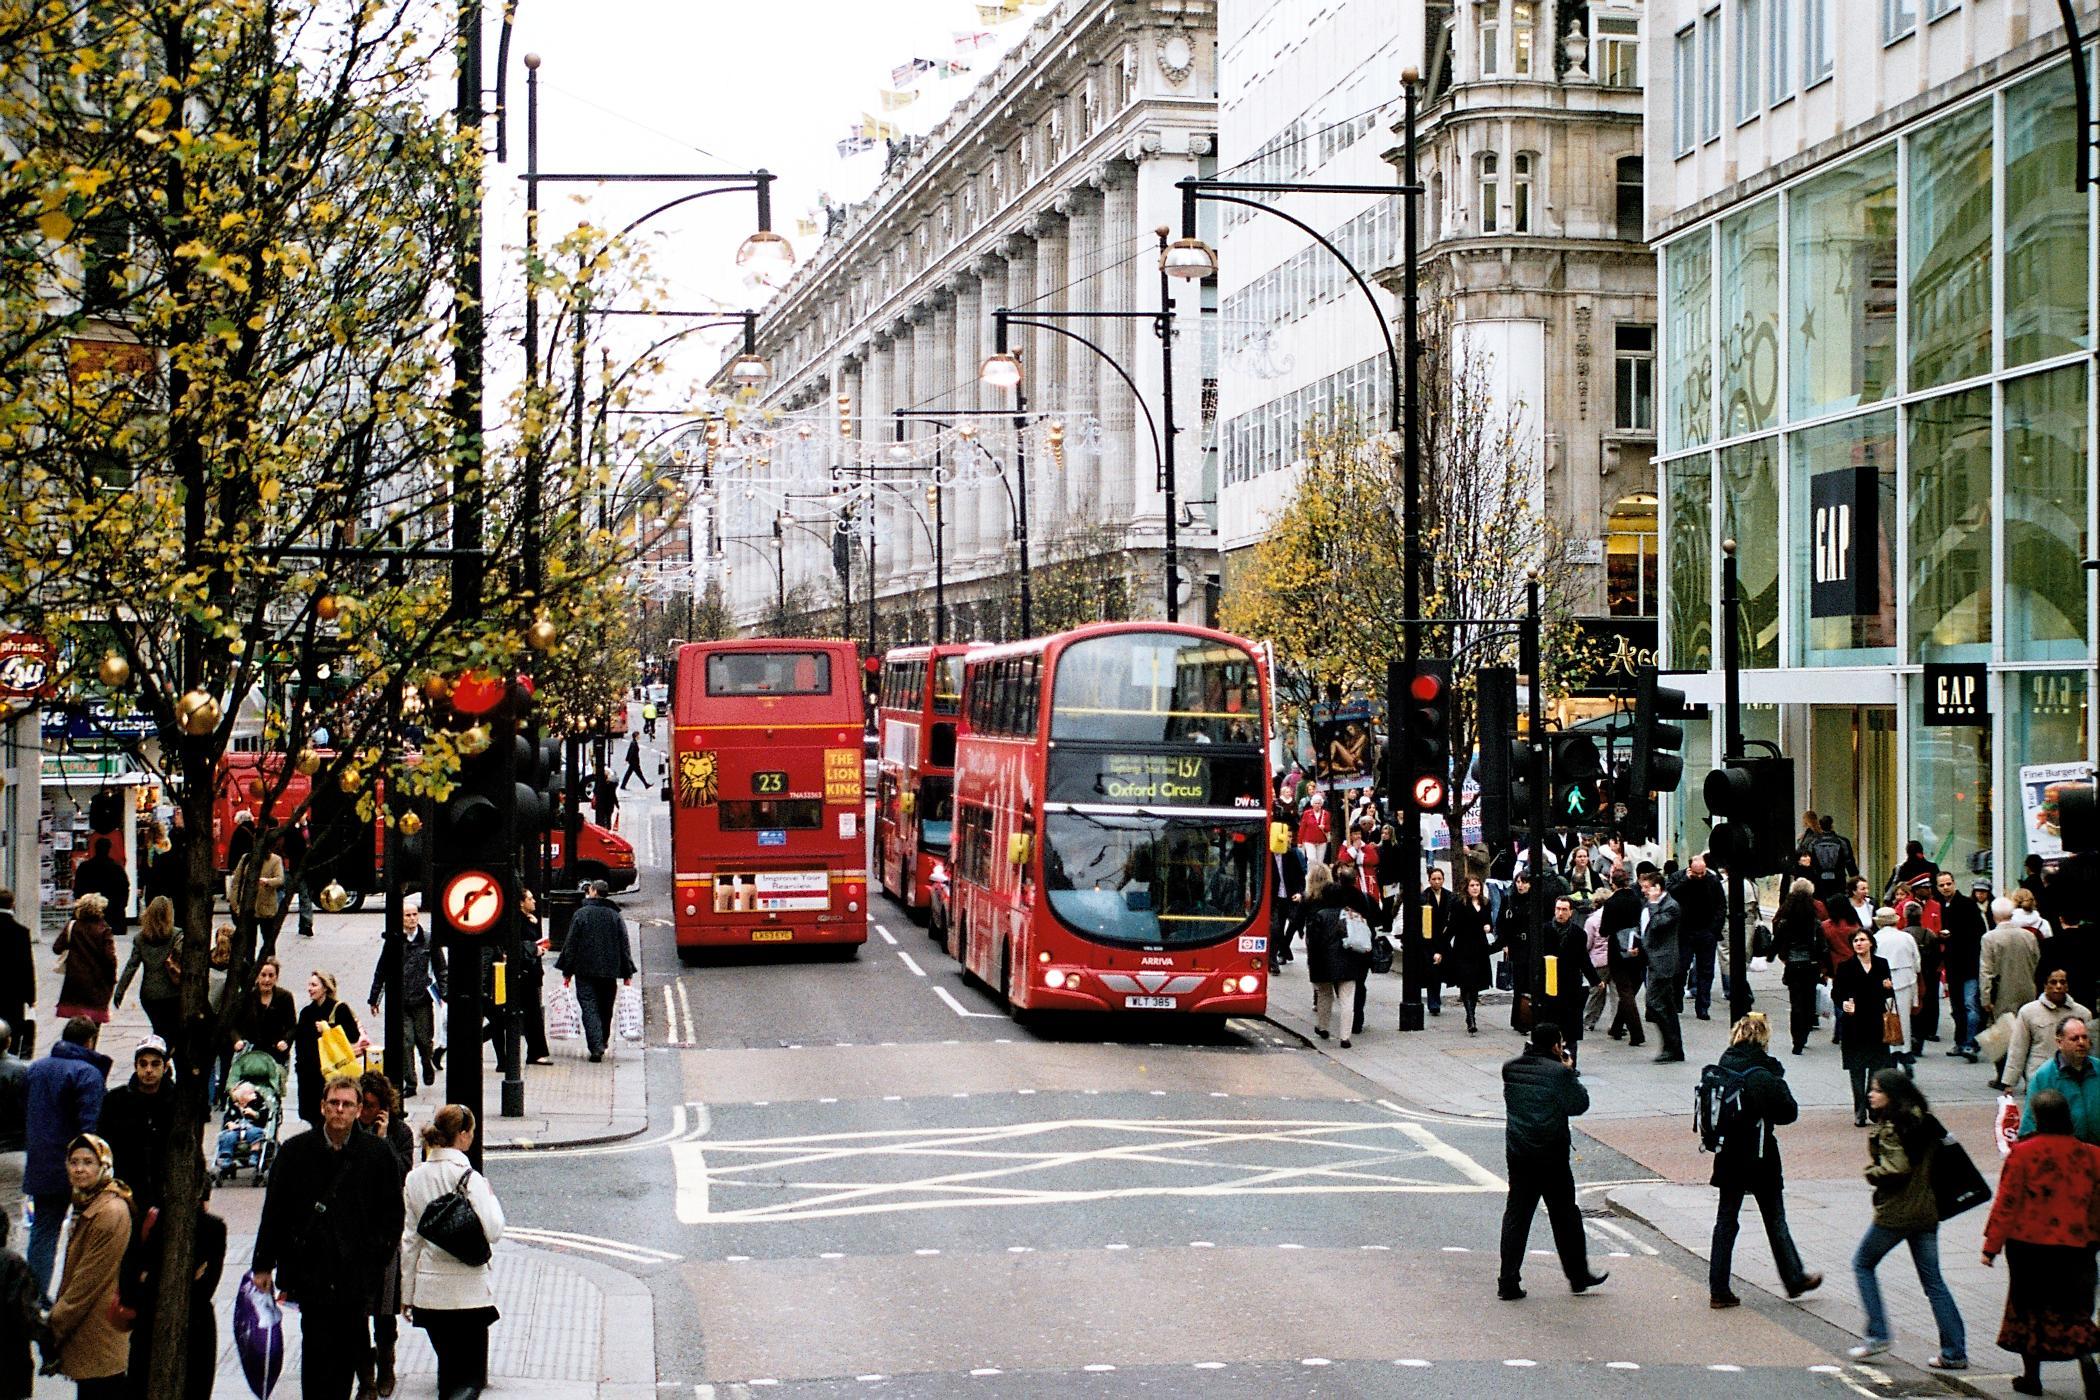 Comprar en Harrods y en Oxford Street